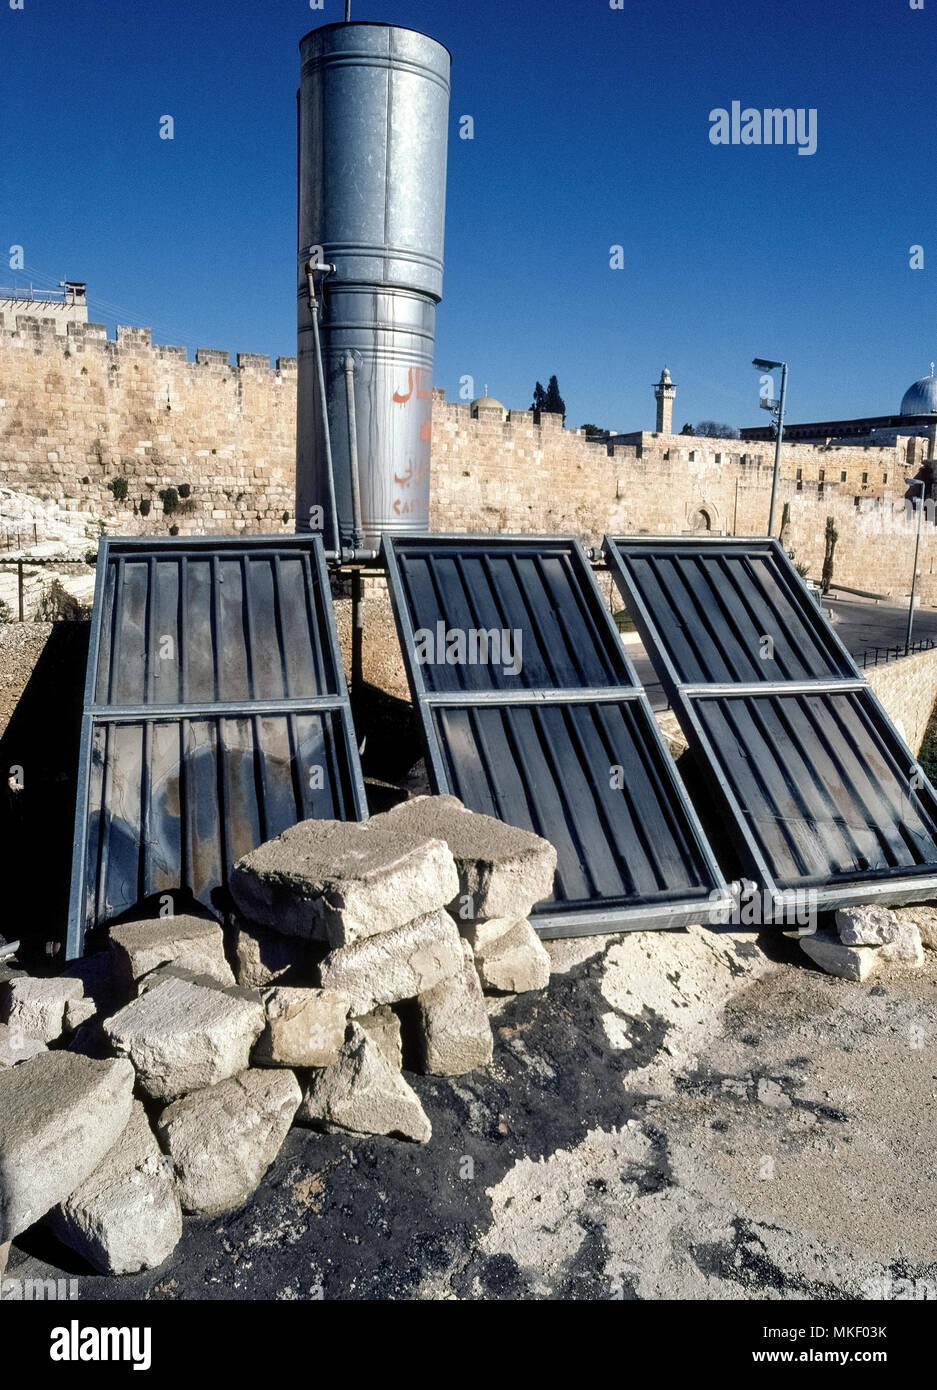 Tre pannelli solari di nervata in plastica nera dietro di lastre di vetro di assorbire i raggi del sole per creare un semplice riscaldatore sul tetto che fornisce acqua calda per una casa in Gerusalemme la divisa medio orientali della città che è sostenuto sia da parte di Israele e Palestina. Questi piccoli dispositivi termici sono state sviluppate commercialmente in Israele negli anni cinquanta, e oggi l'energia solare di acqua calda sono trovato in quasi 90 per cento di tutte le famiglie israeliane. Immagini Stock